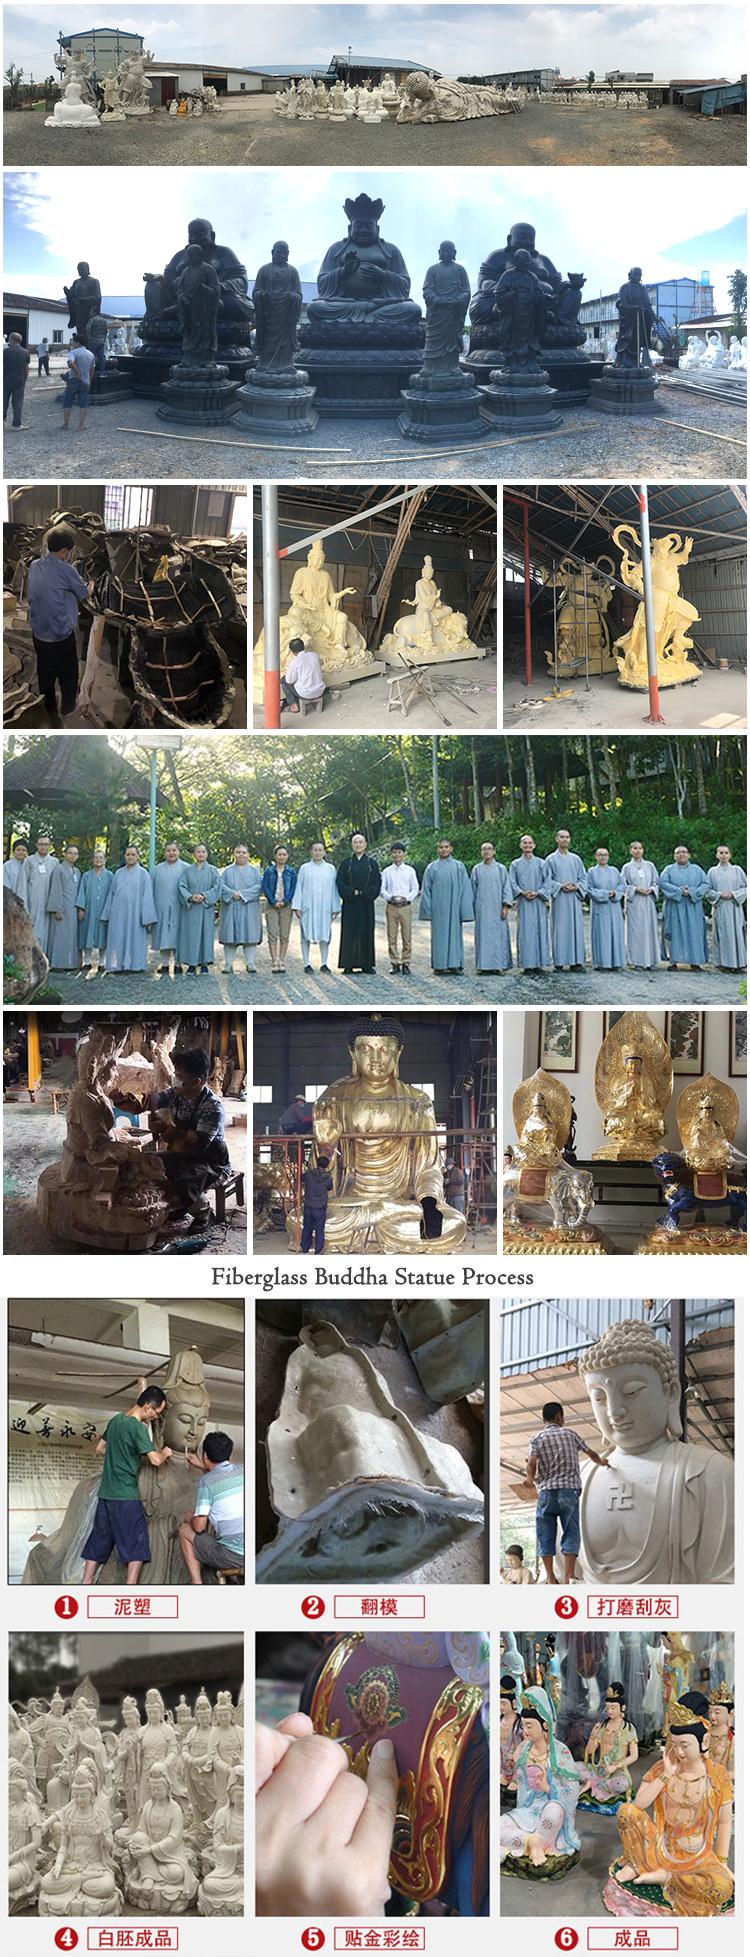 Fiberglass Buddha Statue Process Main